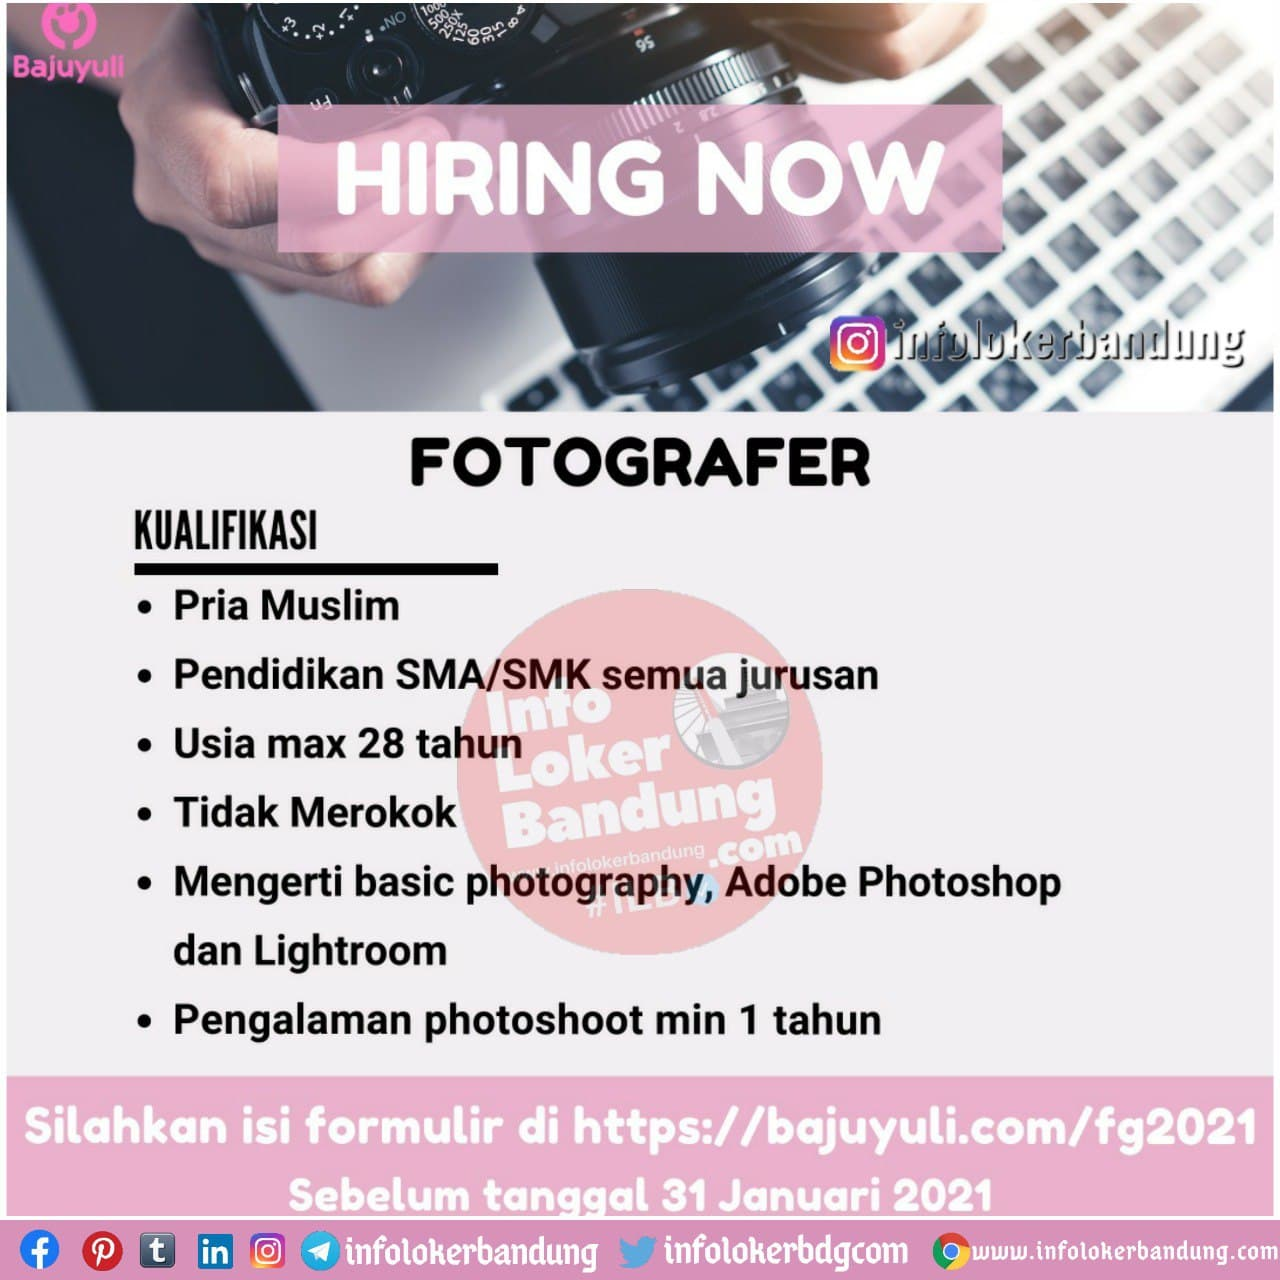 Lowongan Kerja Fotografer Bajuyuli Bandung Desember 2020